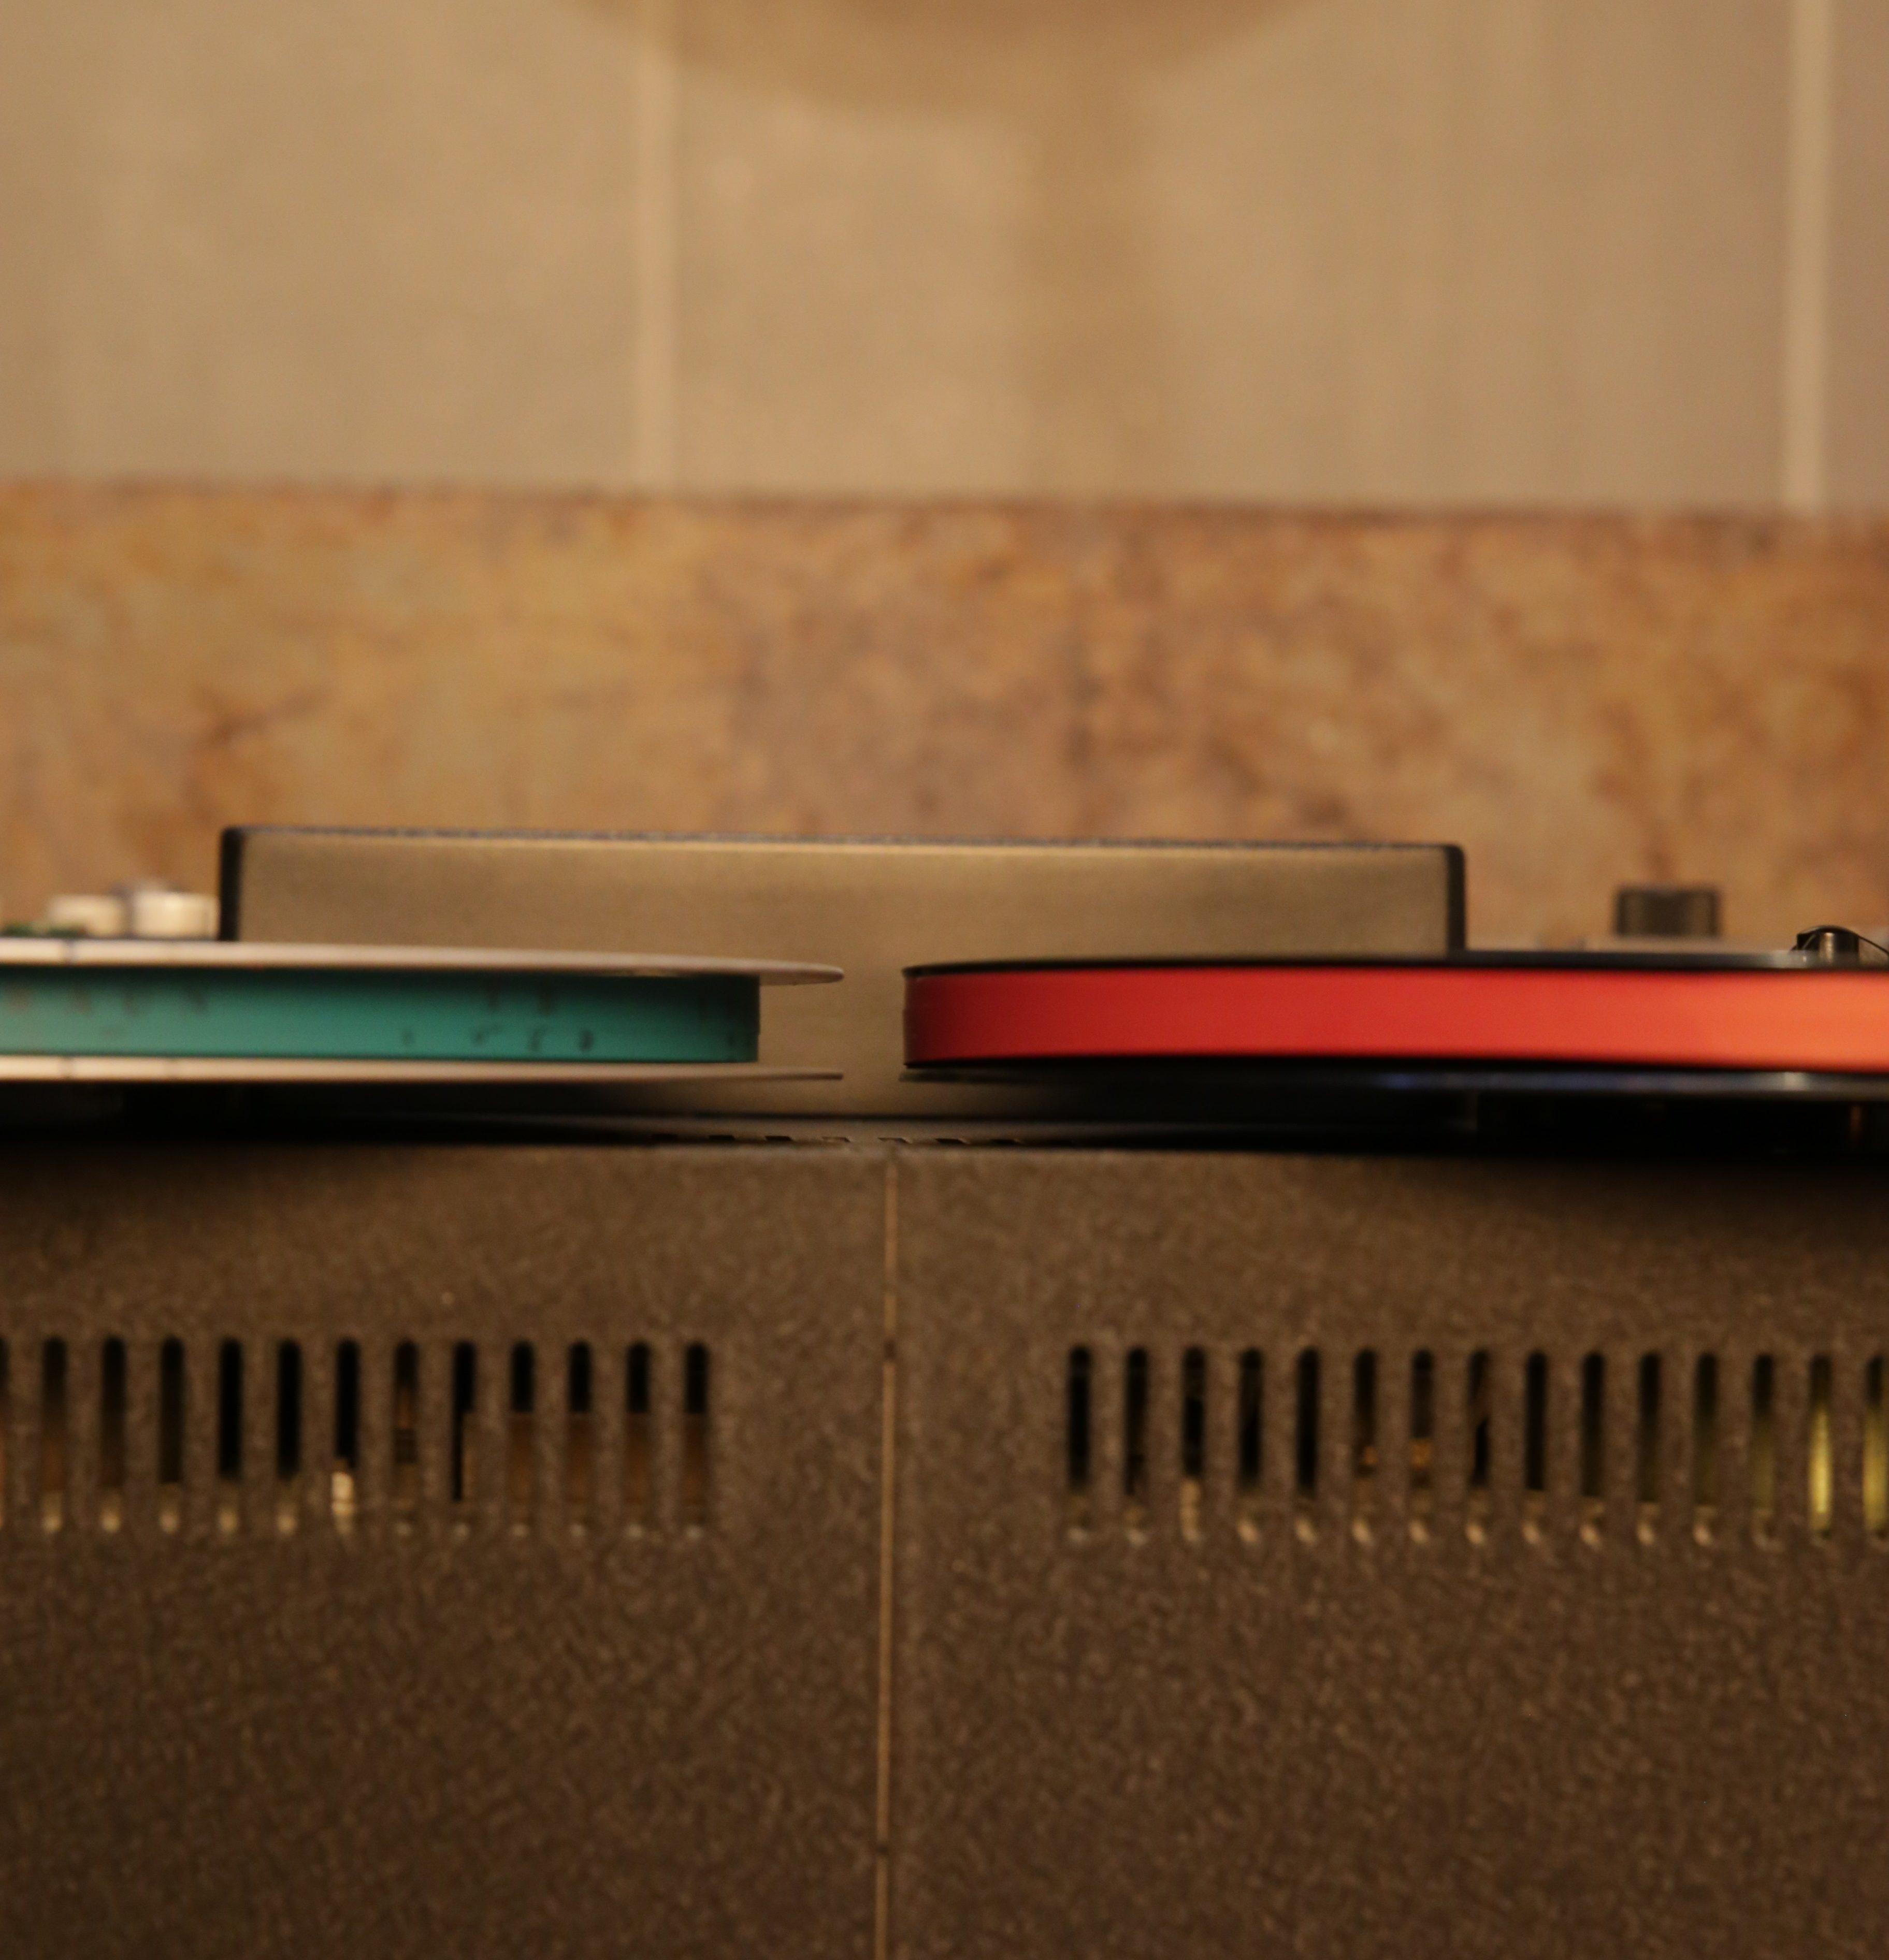 links: Braun TB 1025 auf der Spule des Agfa DPR26 professional rechts: das Agfa DPR 26 professional auf der Kunststoffspule des Braun TB 1025